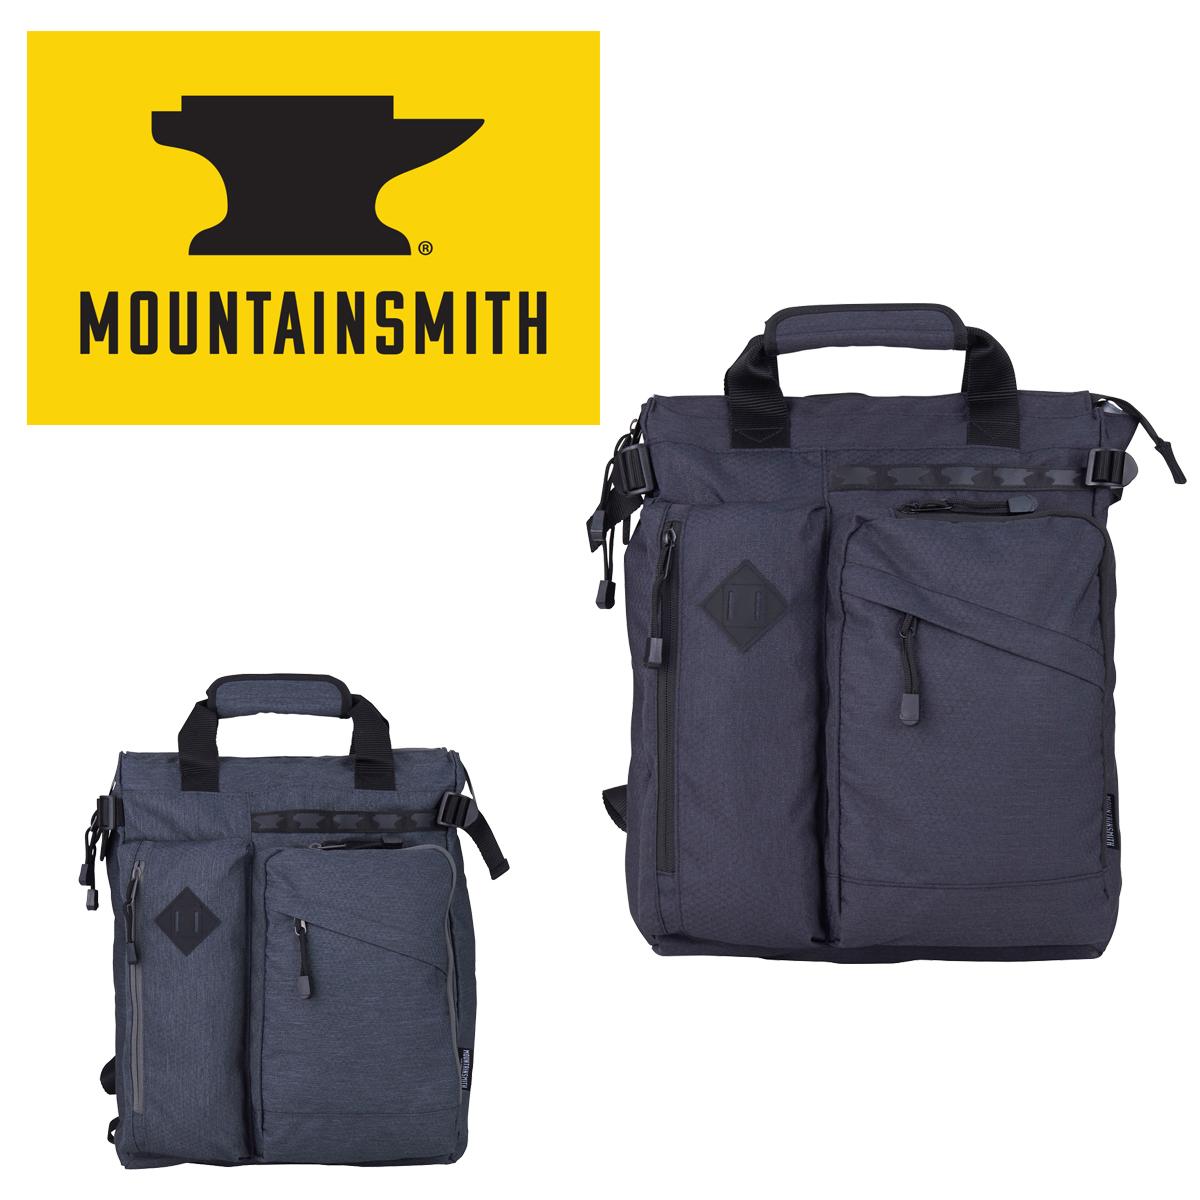 マウンテンスミス MOUNTAIN SMITH リュック 65395 CODY5 ビジネスバッグ バックパック リュック 2WAY [PO10][bef]